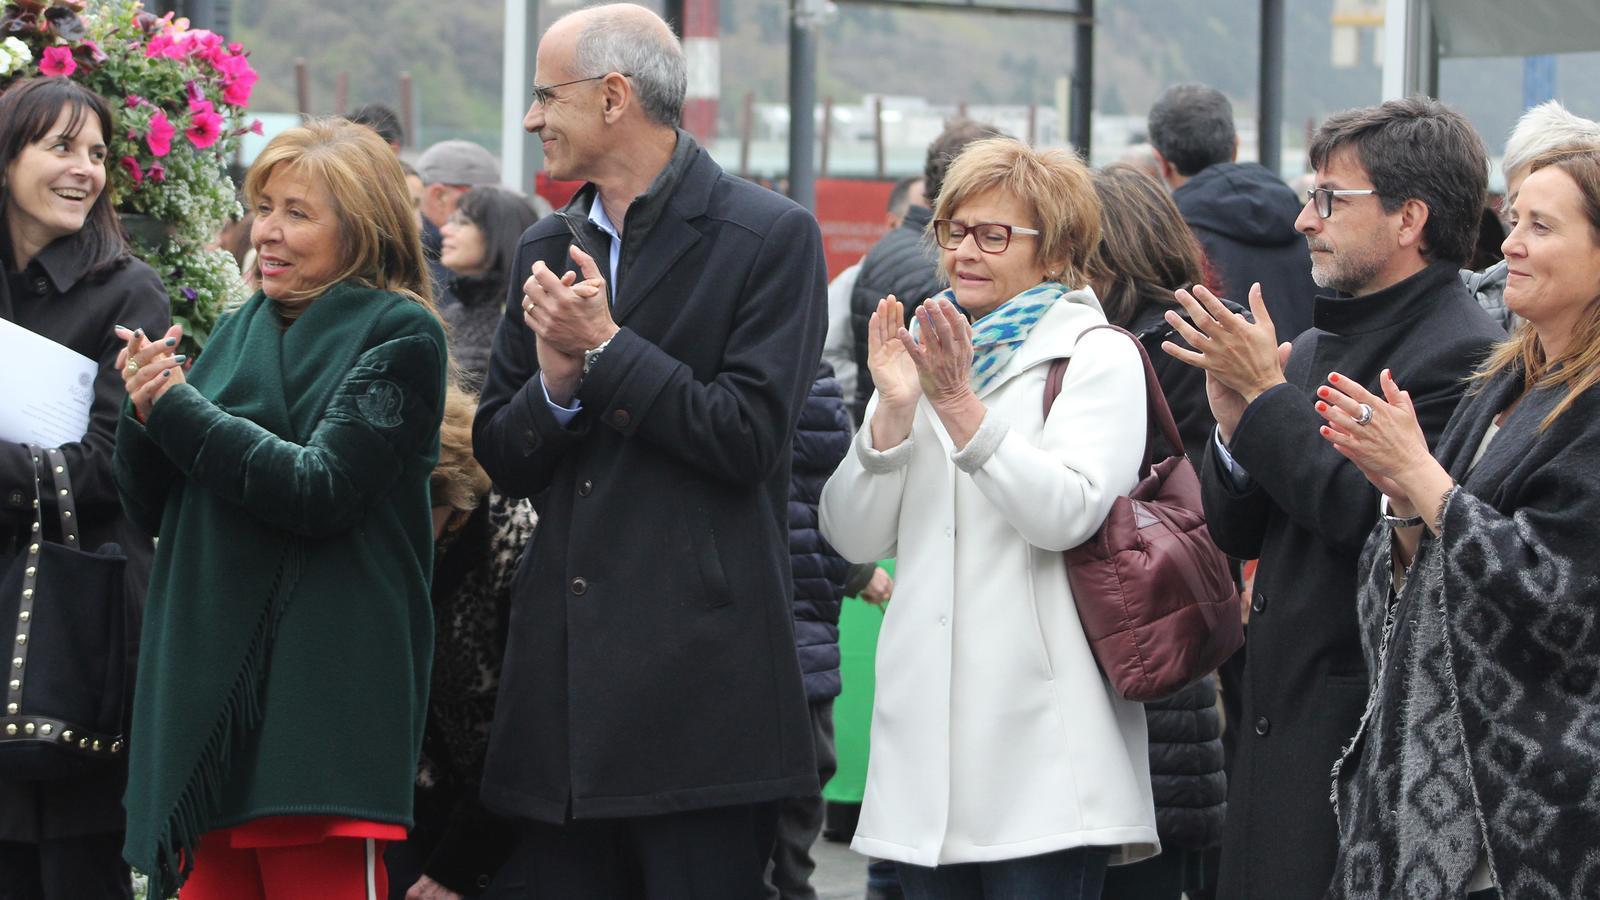 Conxita Marsol, cònsol major d'Andorra la Vella; Toni Martí, cap de Govern en funcions; Jordi Cinca, ministre de Finances en funcions, i la ministra de Cultura, Joventut i Esports en funcions, Olga Gelabert, durant el concert de la coral de la gent gran. / M. R. F.